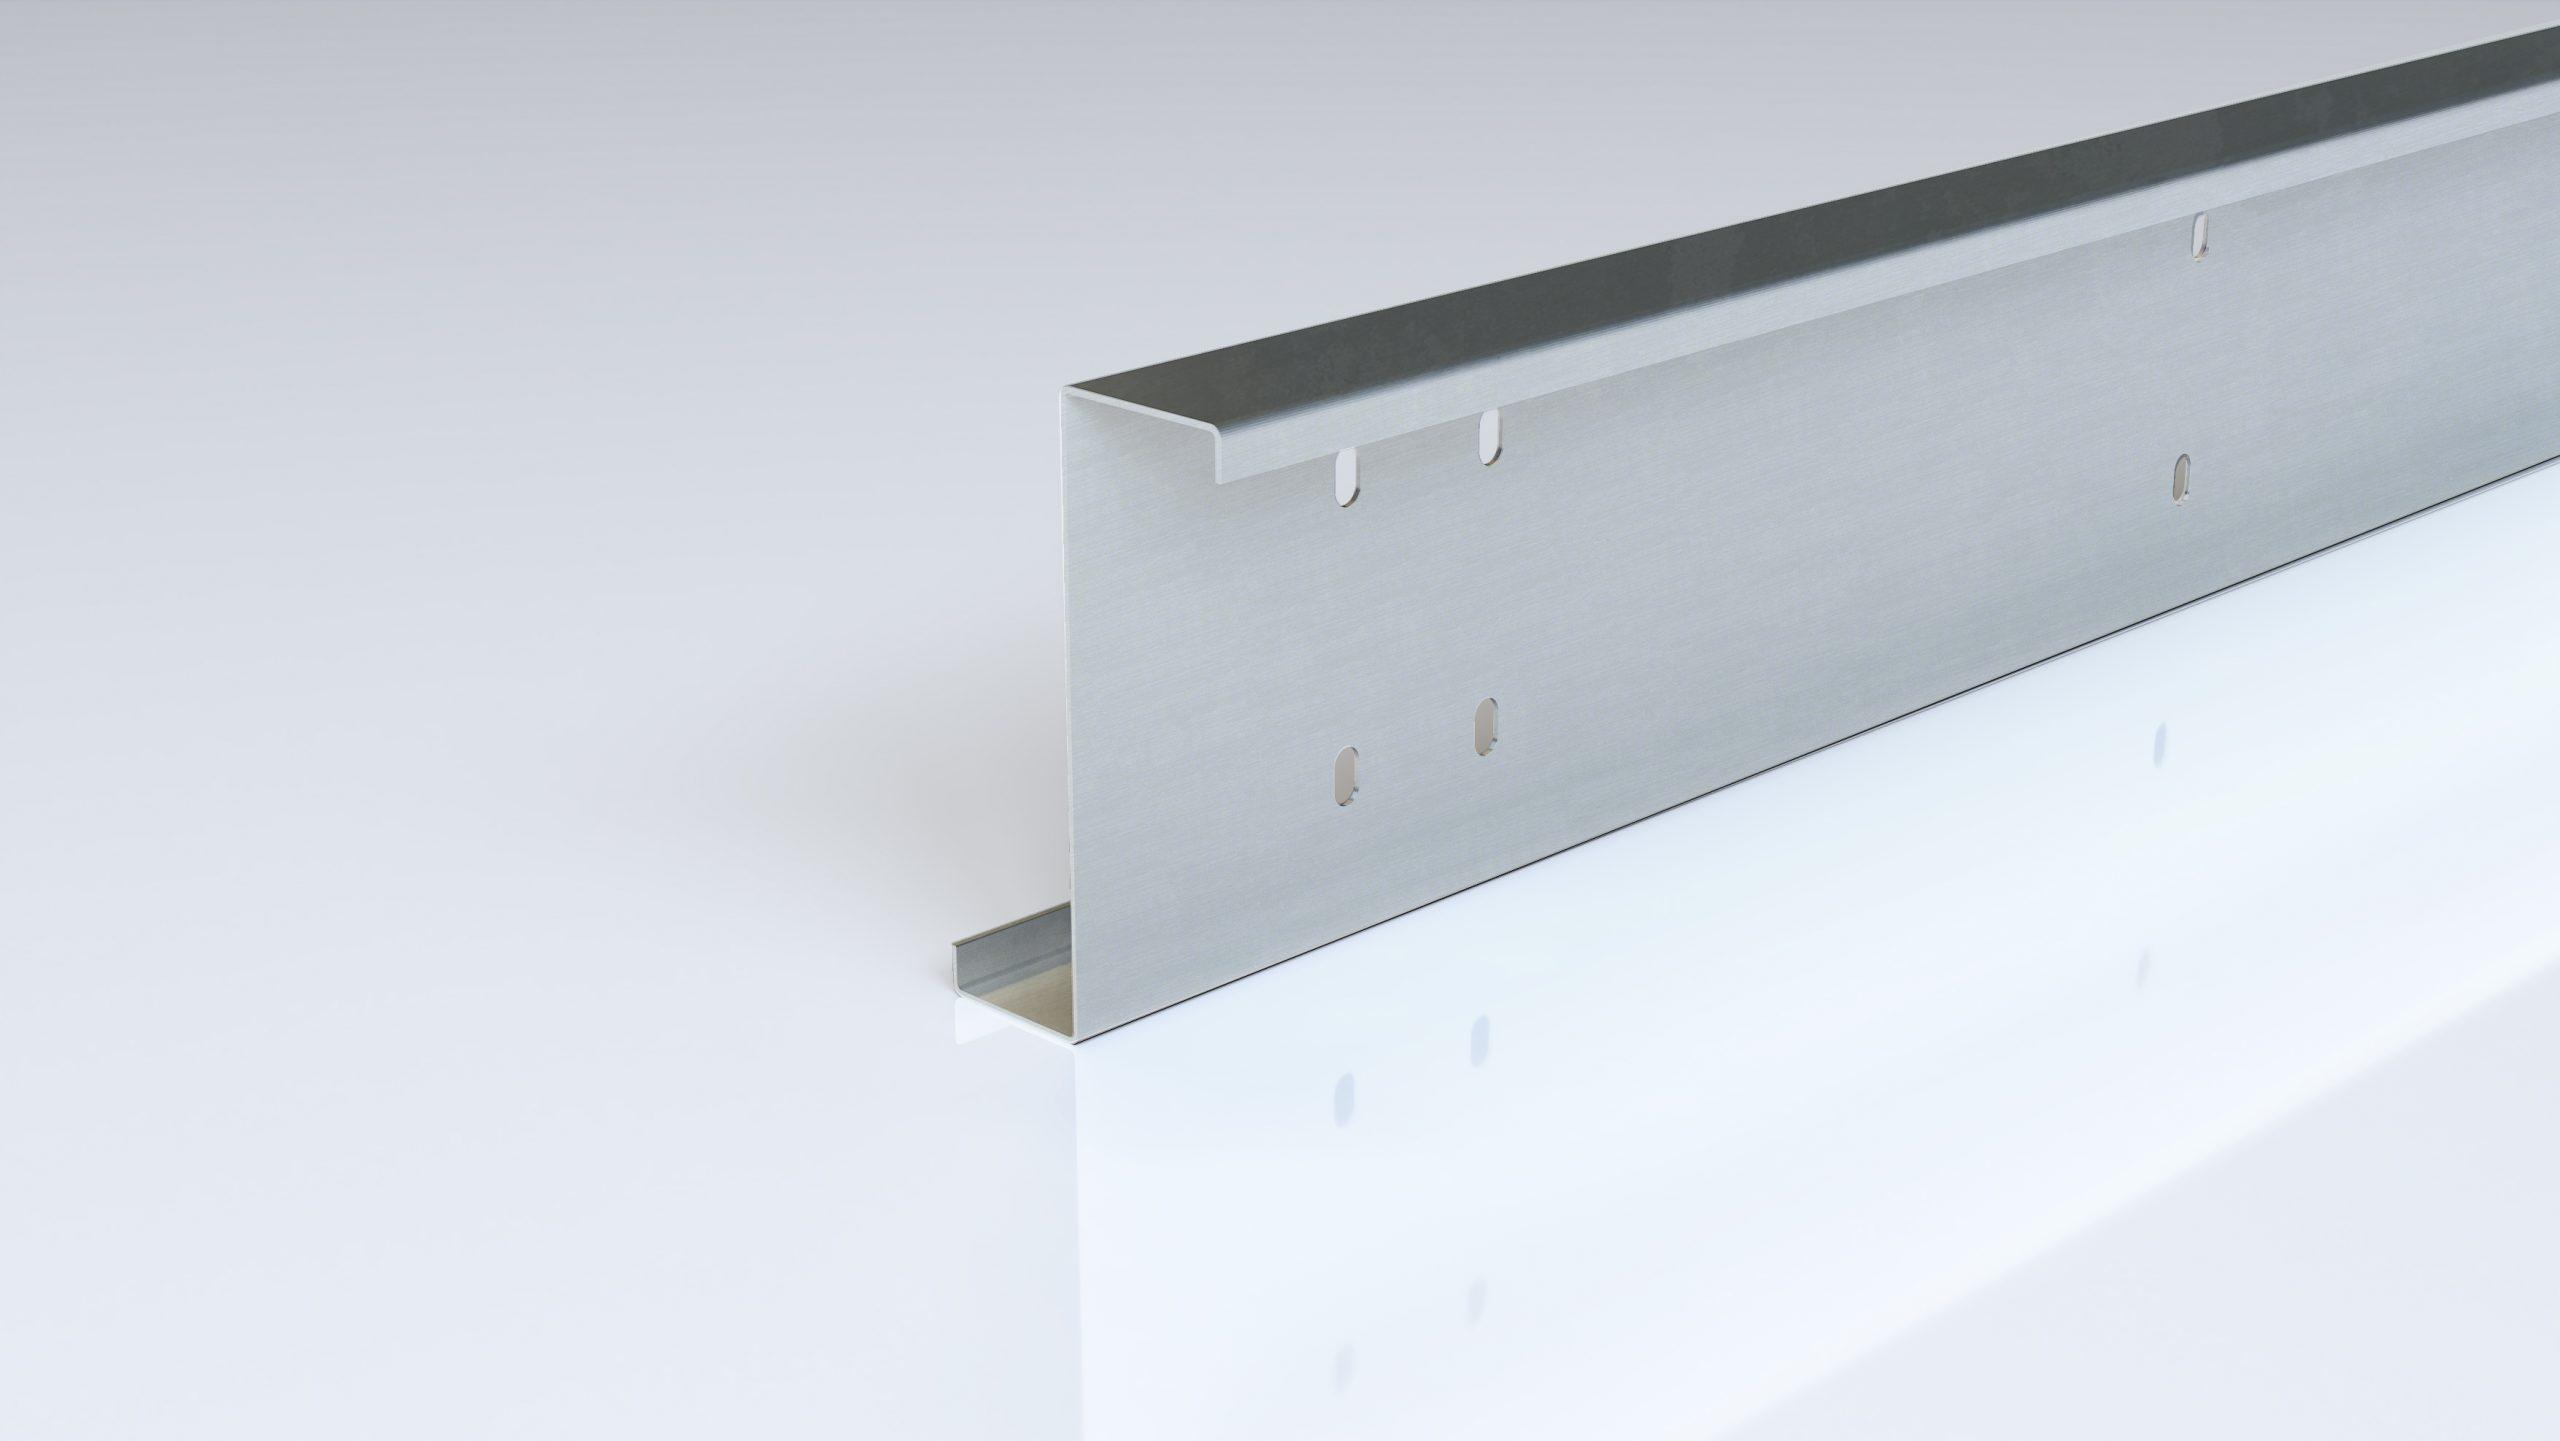 Foto de perfil de acero conformado en frío zeta punzado